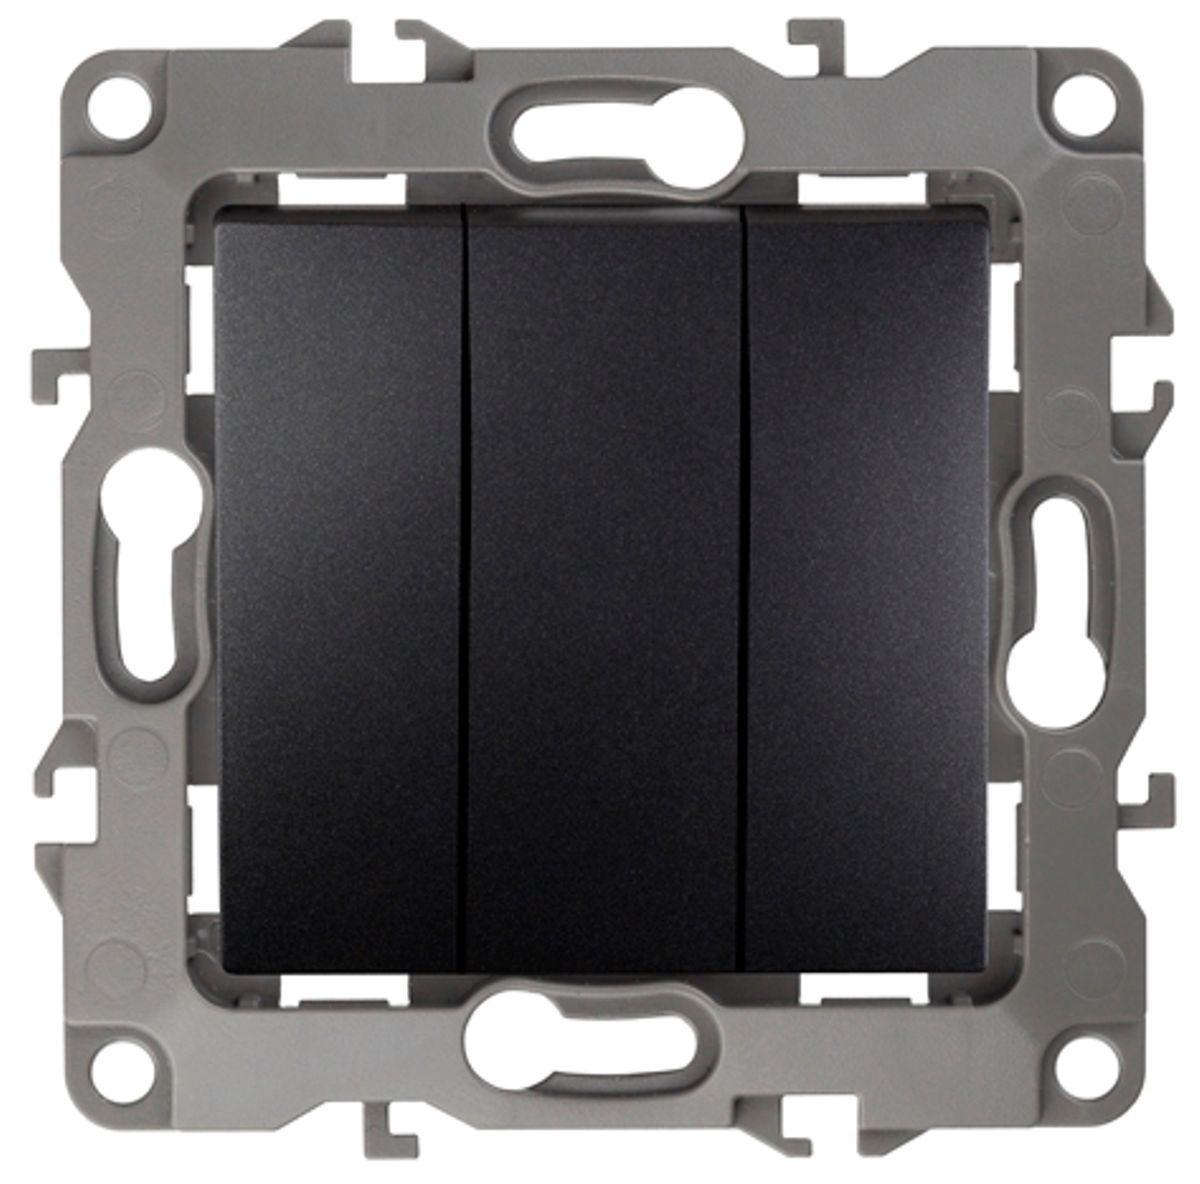 Выключатель ЭРА, тройной, цвет: антрацит, серый. 12-110712-1107-05Тройной выключатель ЭРА выполнен из прочного пластика, контакты бронзовые. Изделие просто в установке, надежно в эксплуатации. Выключатель имеет специальные фиксаторы, которые не дают ему смещаться как при монтаже, так и в процессе эксплуатации. Автоматические зажимы кабеля обеспечивают быстрый и надежный монтаж изделия к электросети без отвертки и не требуют обслуживания в отличие от винтовых зажимов.